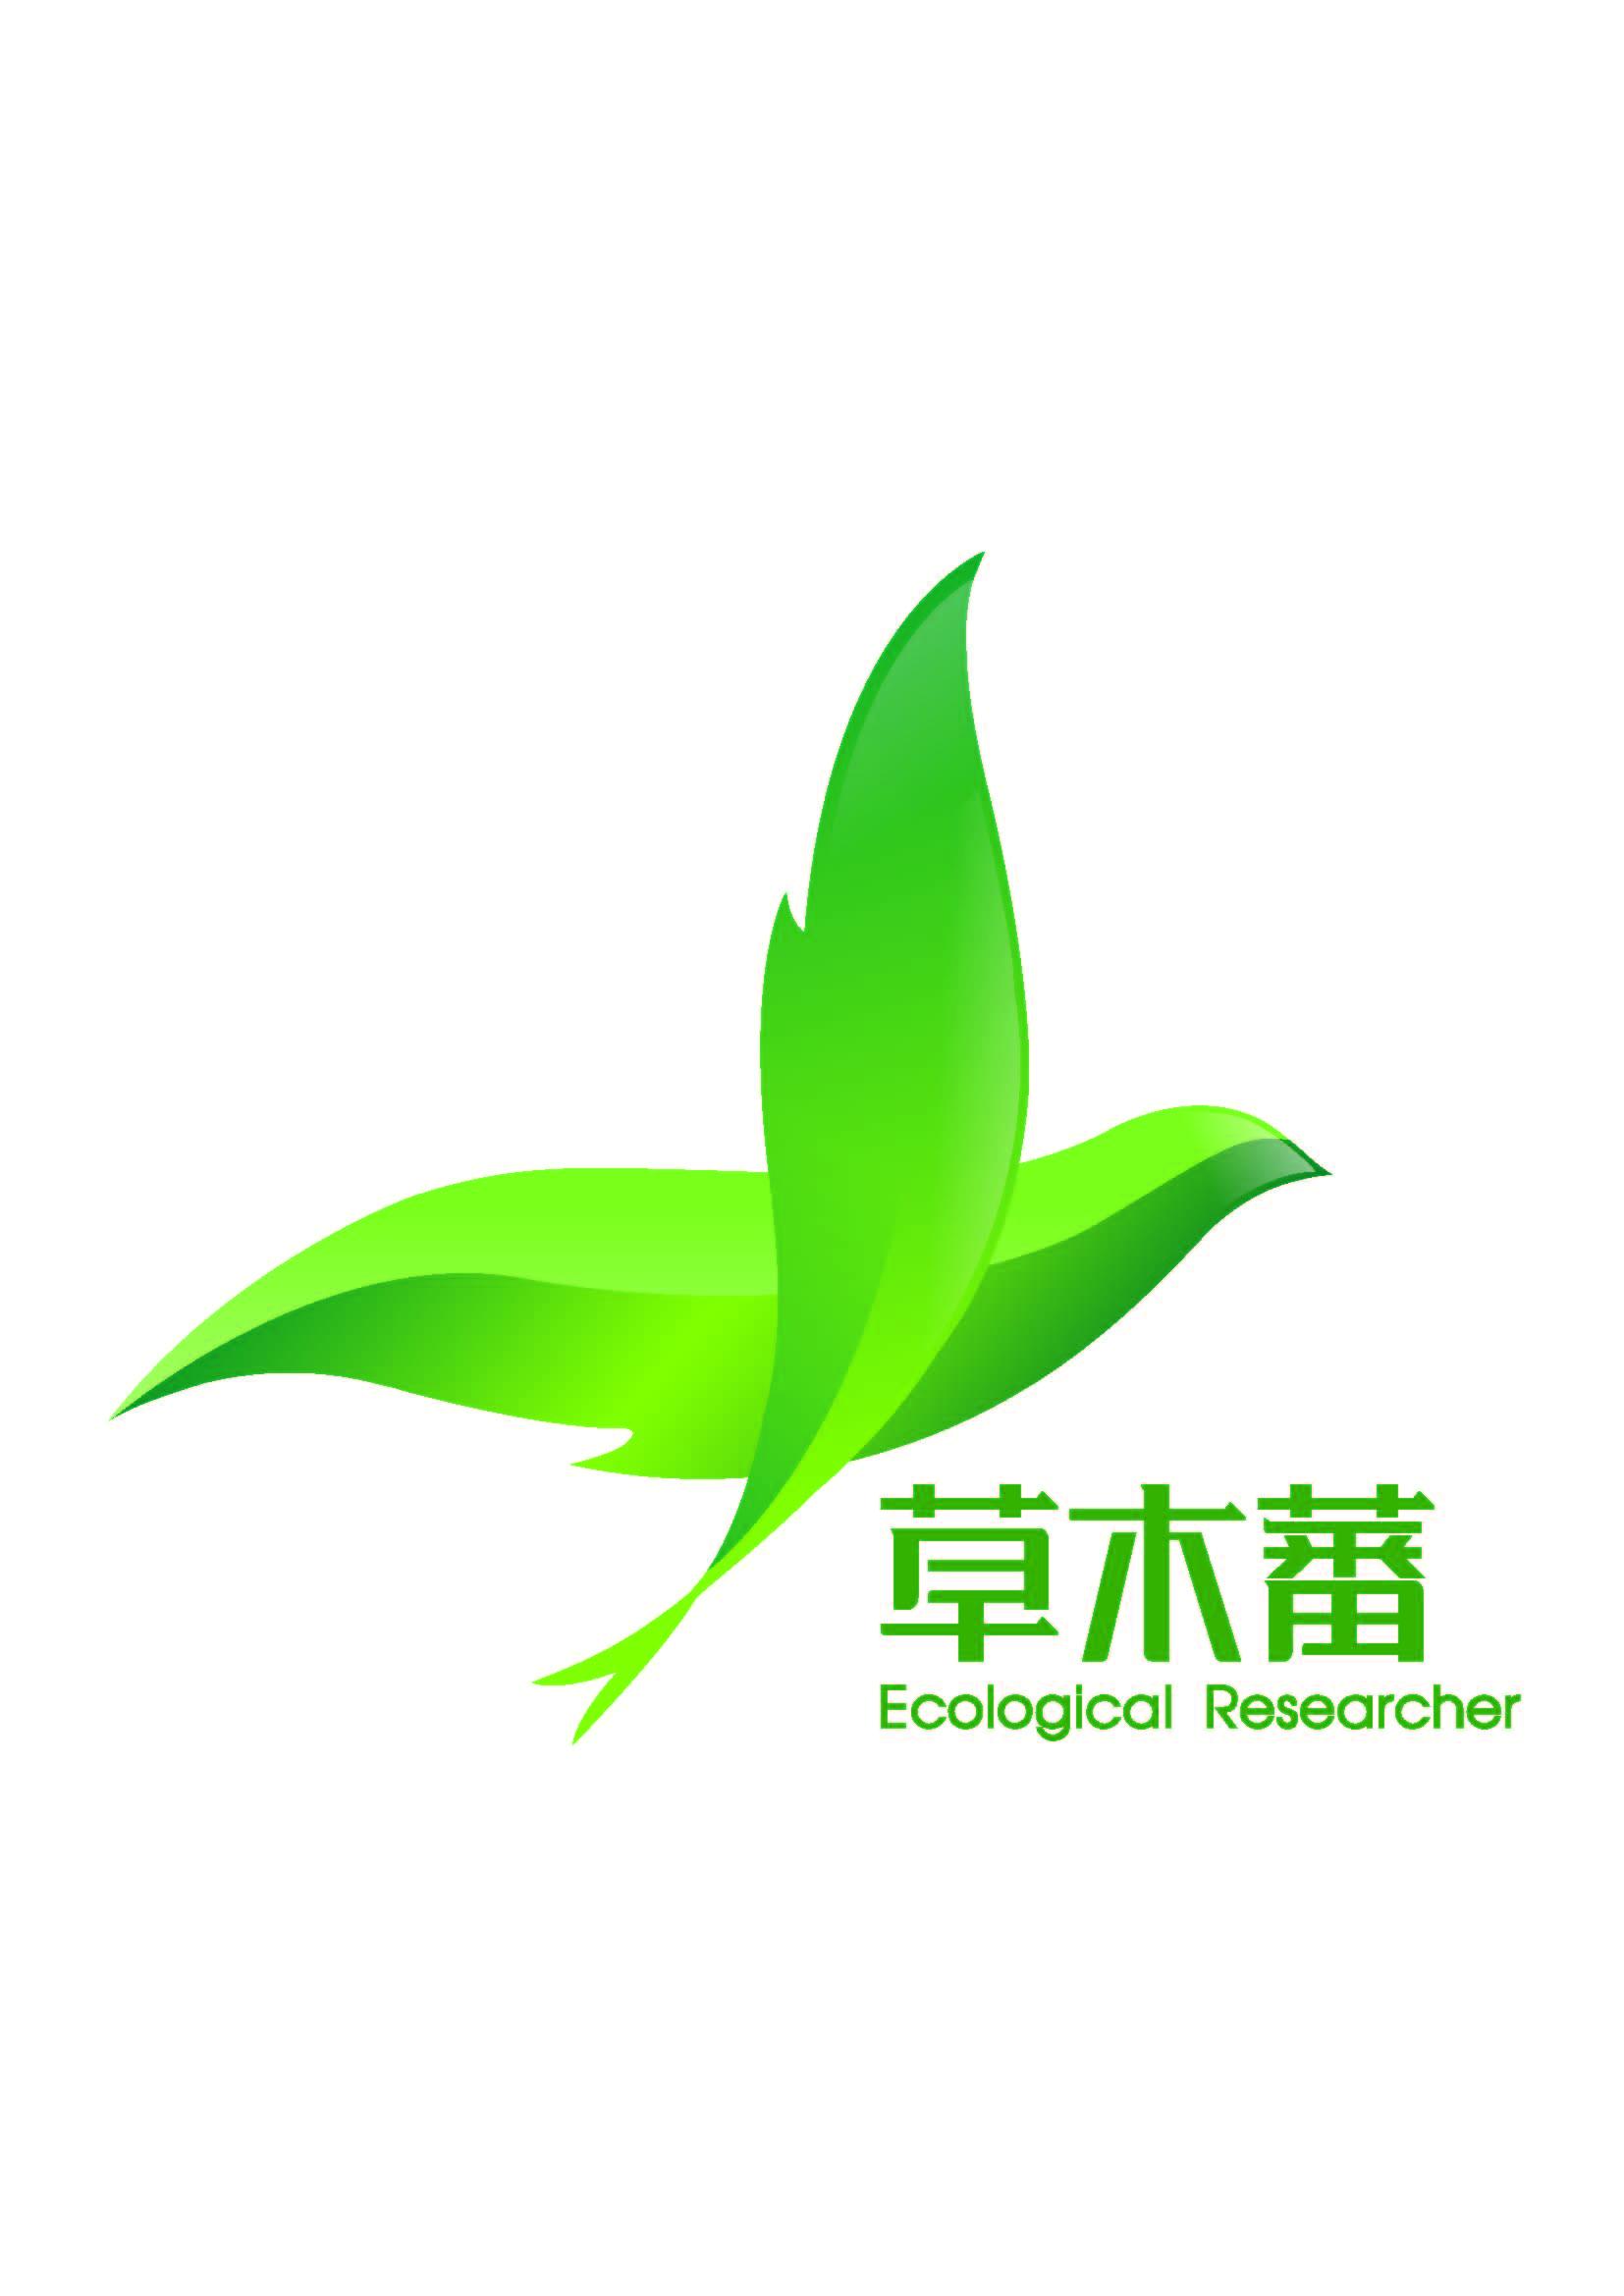 广州草木蕃环境科技有限公司